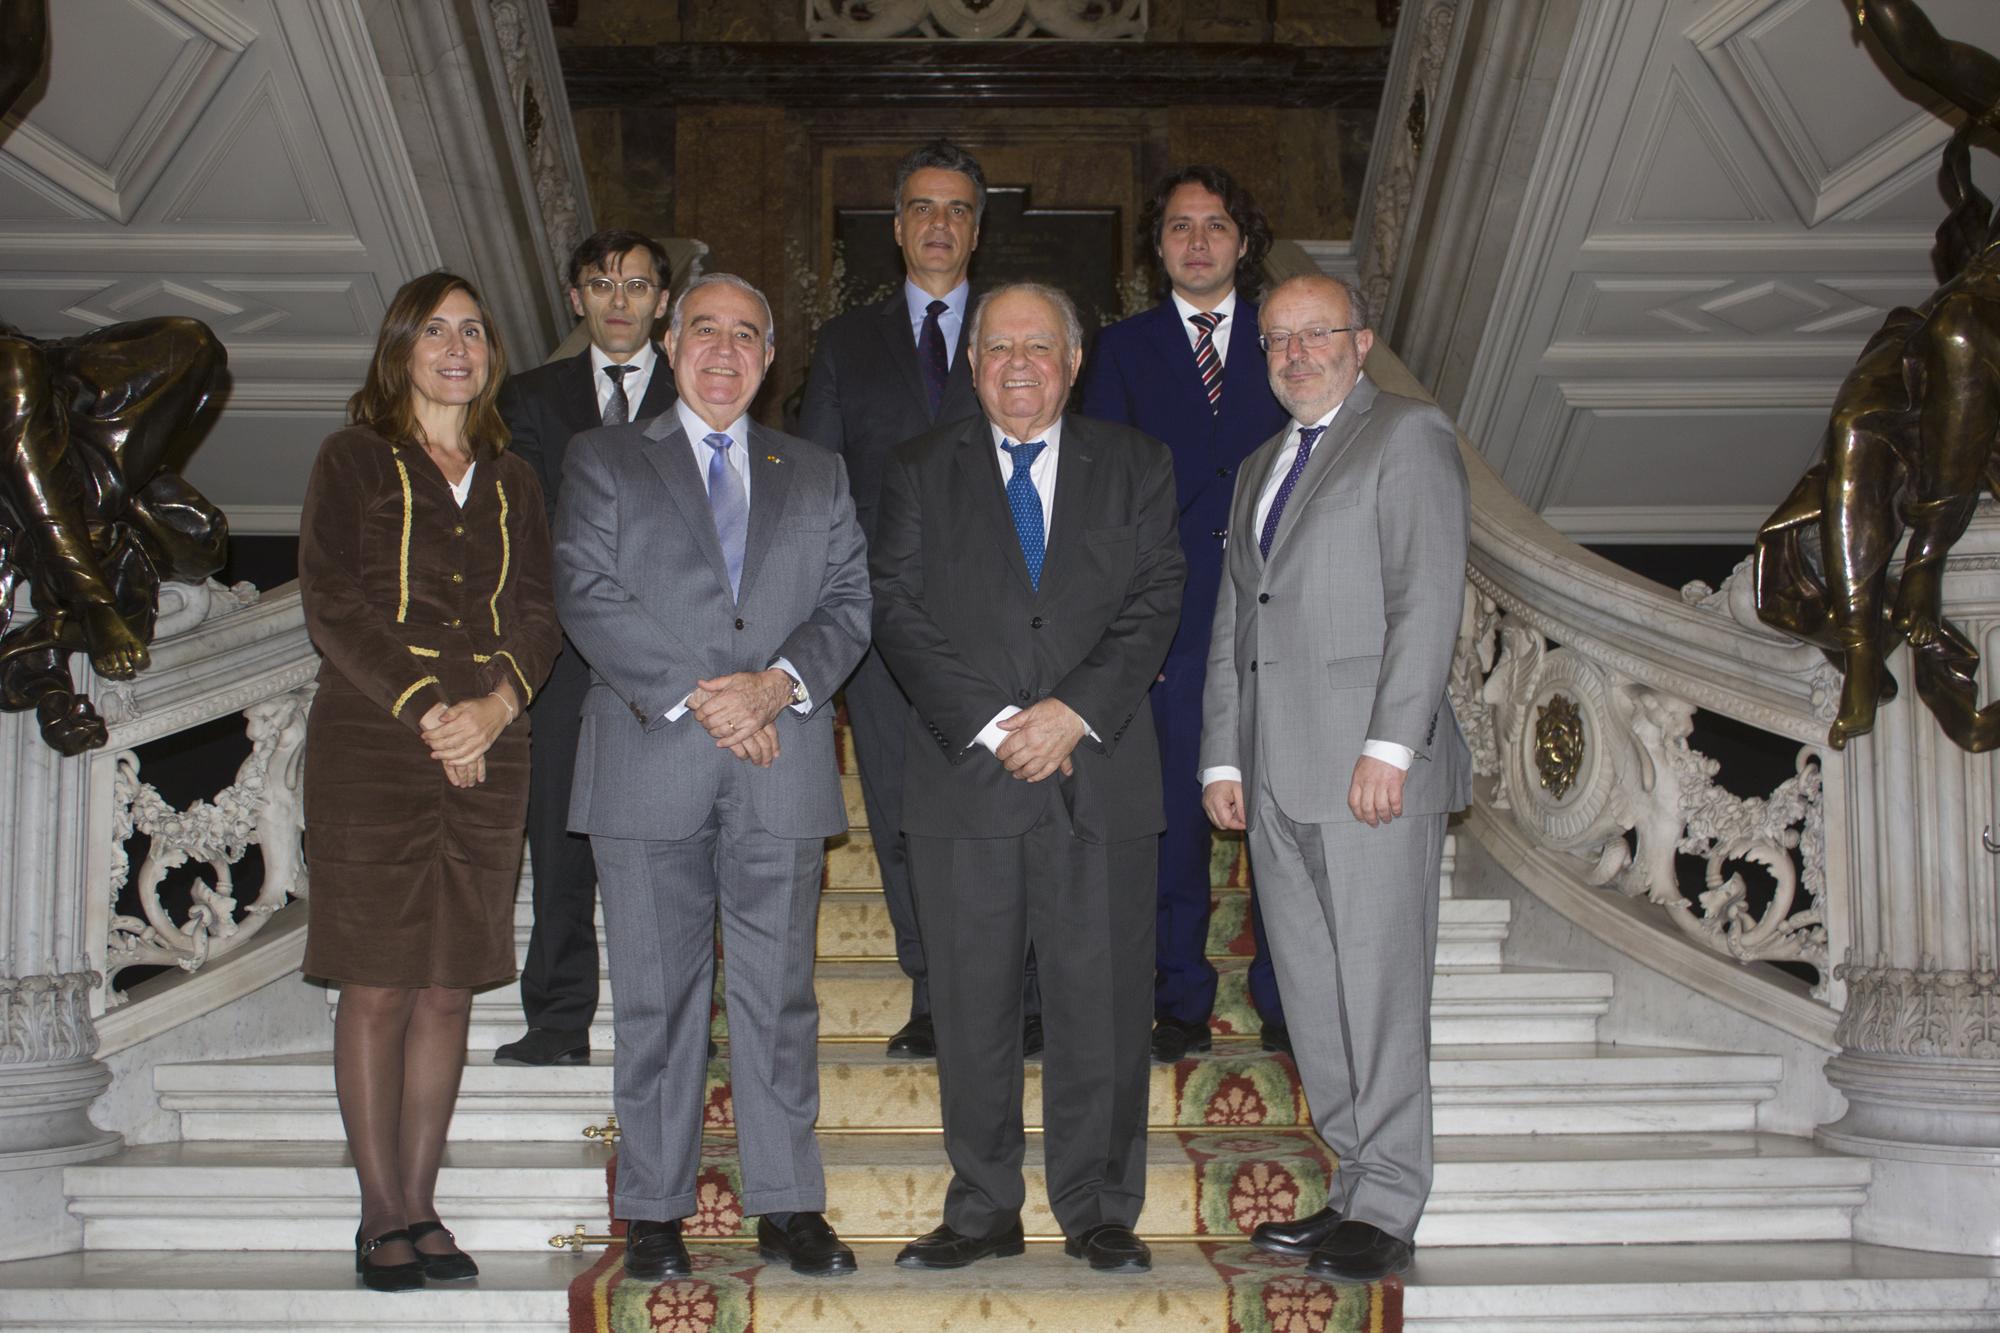 Plácido Arango, fundador del Grupo Vips, galardonado con el IV Premio Enrique V. Iglesias al desarrollo del Espacio Empresarial Iberoamericano